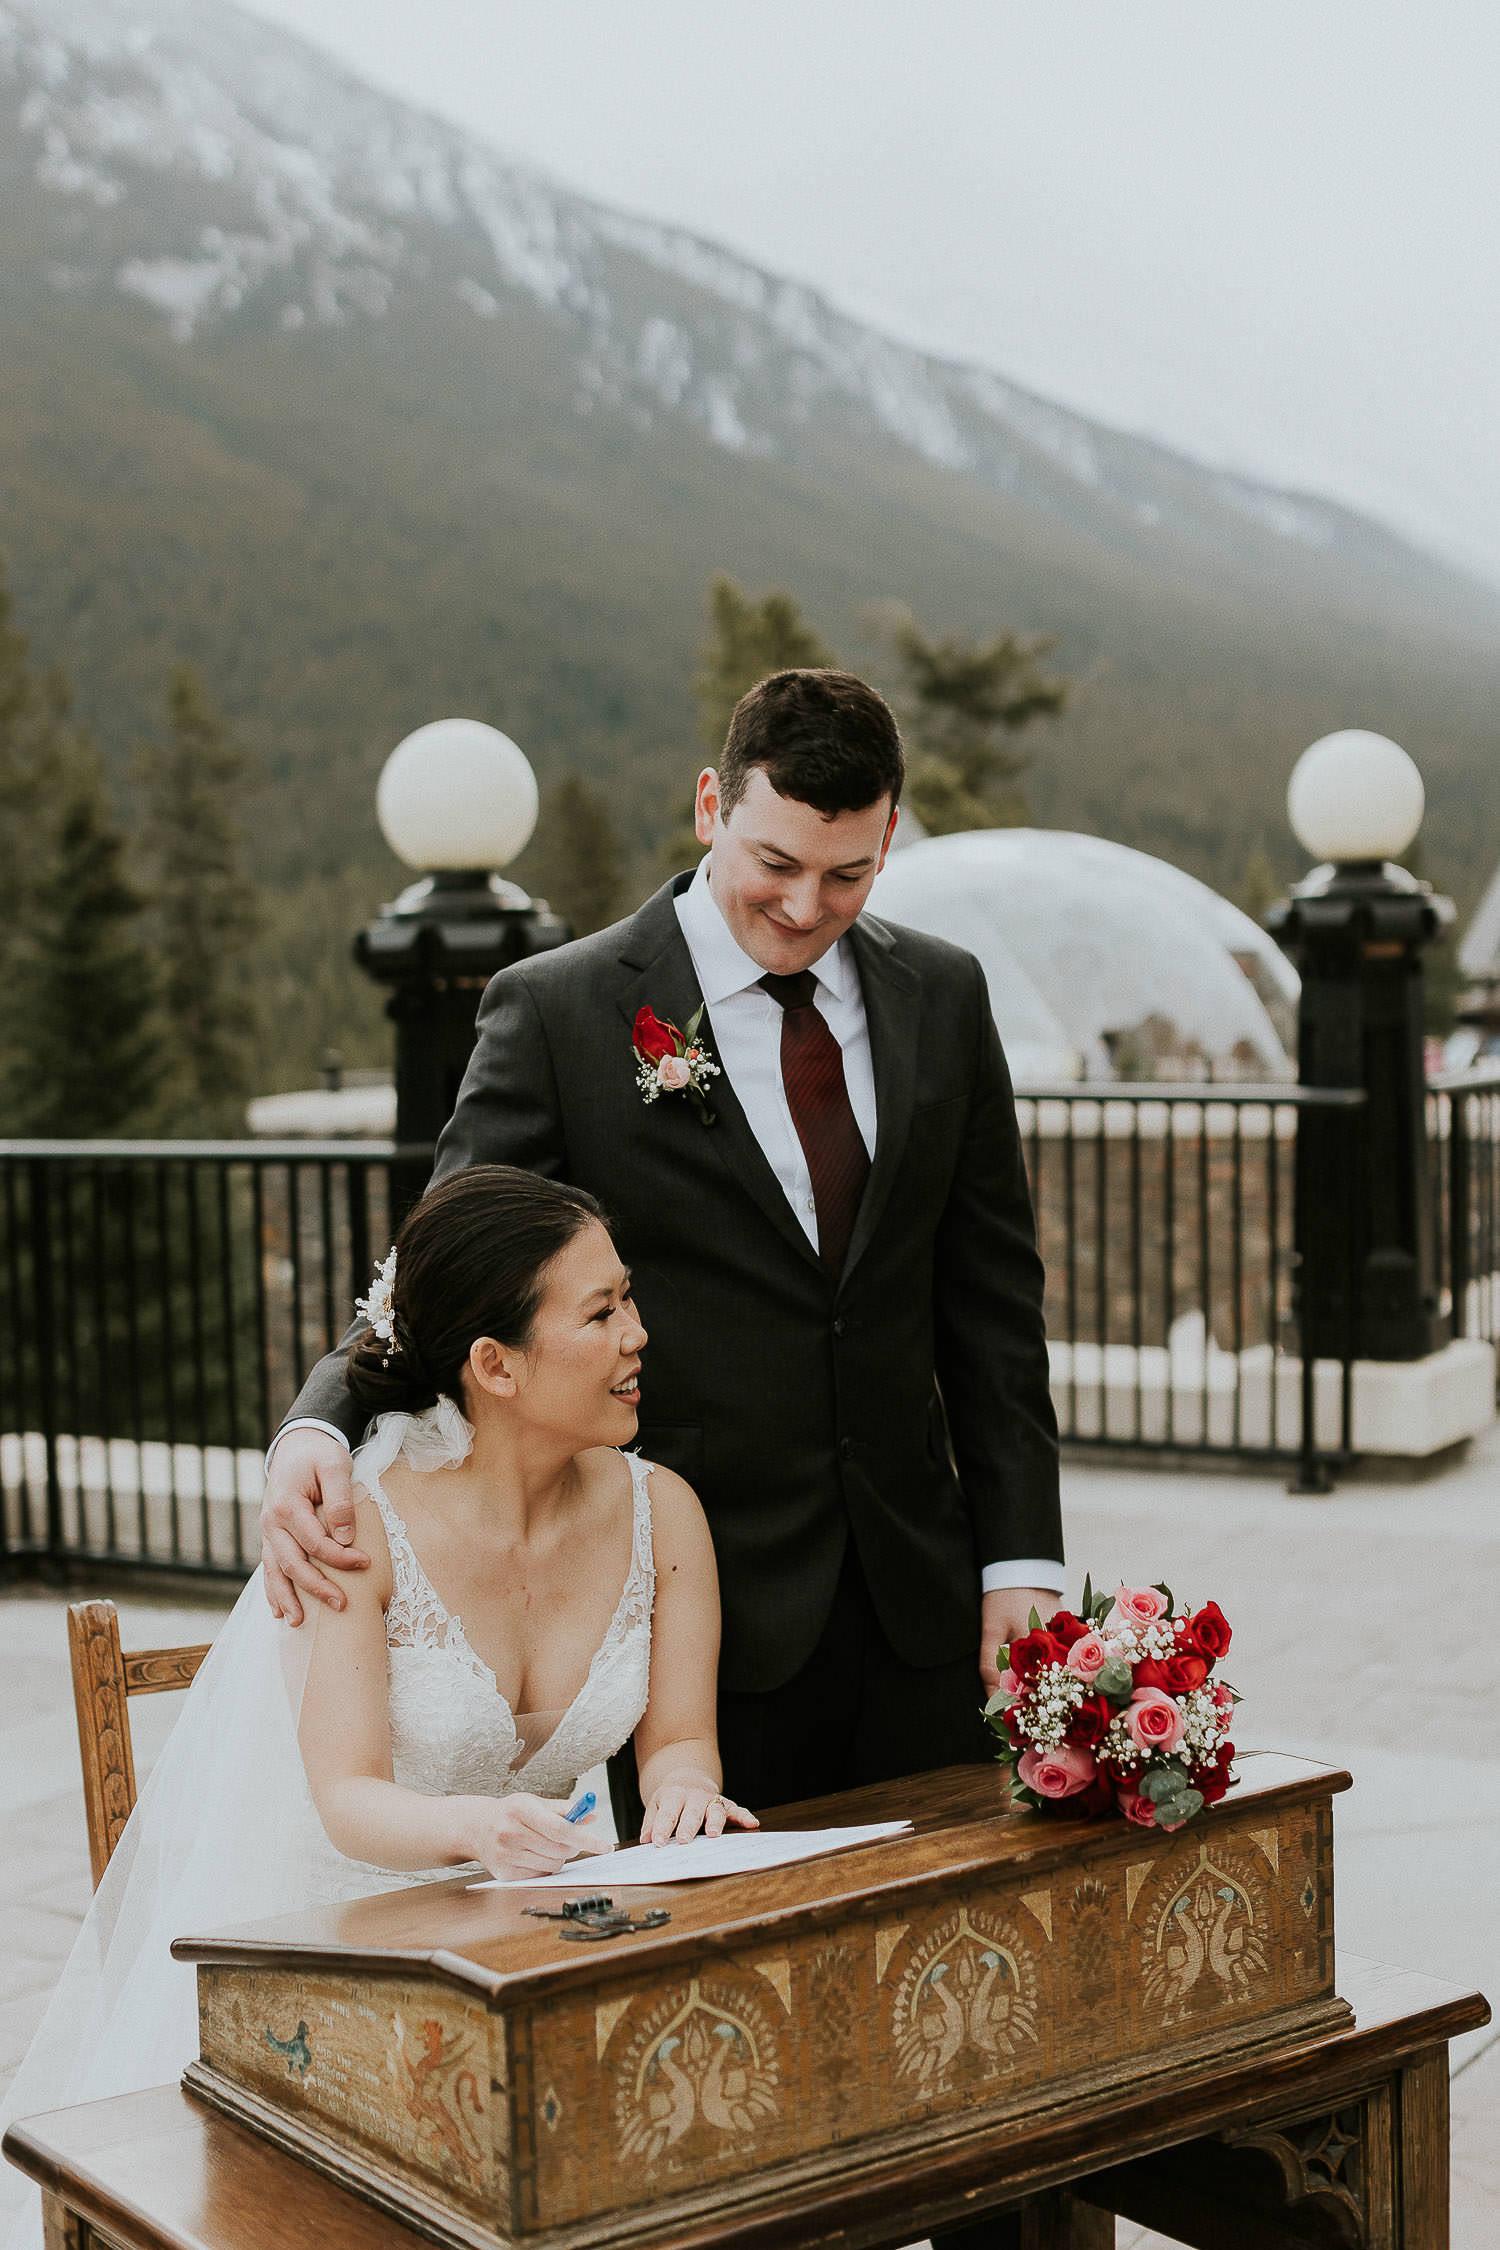 intimate-wedding-at-banff-springs-hotel-sarah-pukin-0111